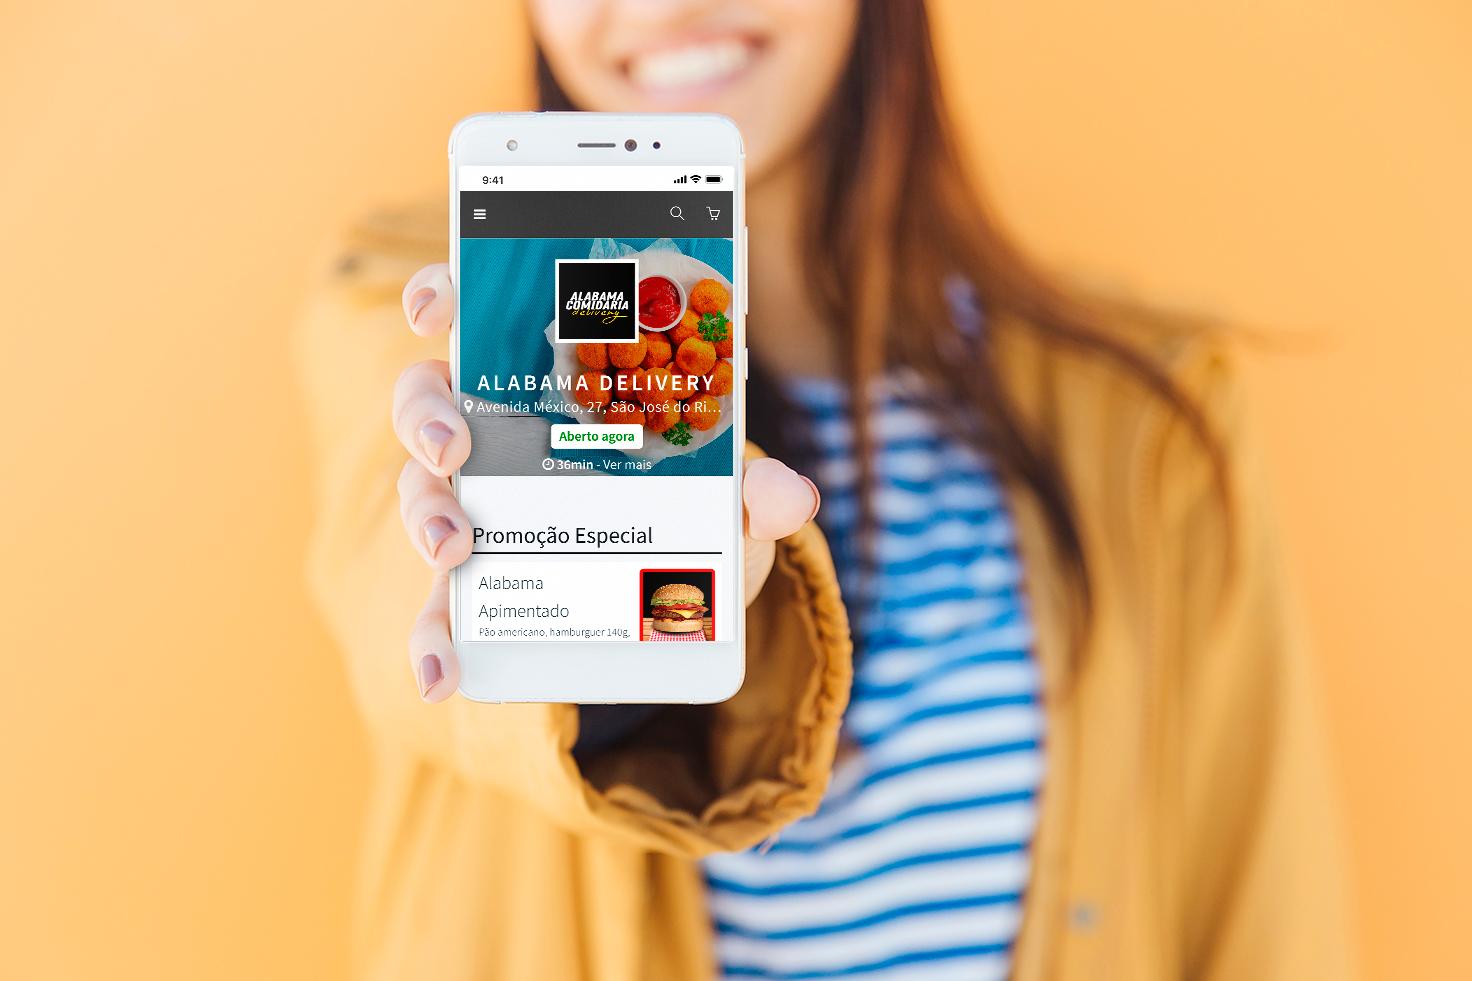 Como Criar um Aplicativo para Entrega de Comida Só Seu?